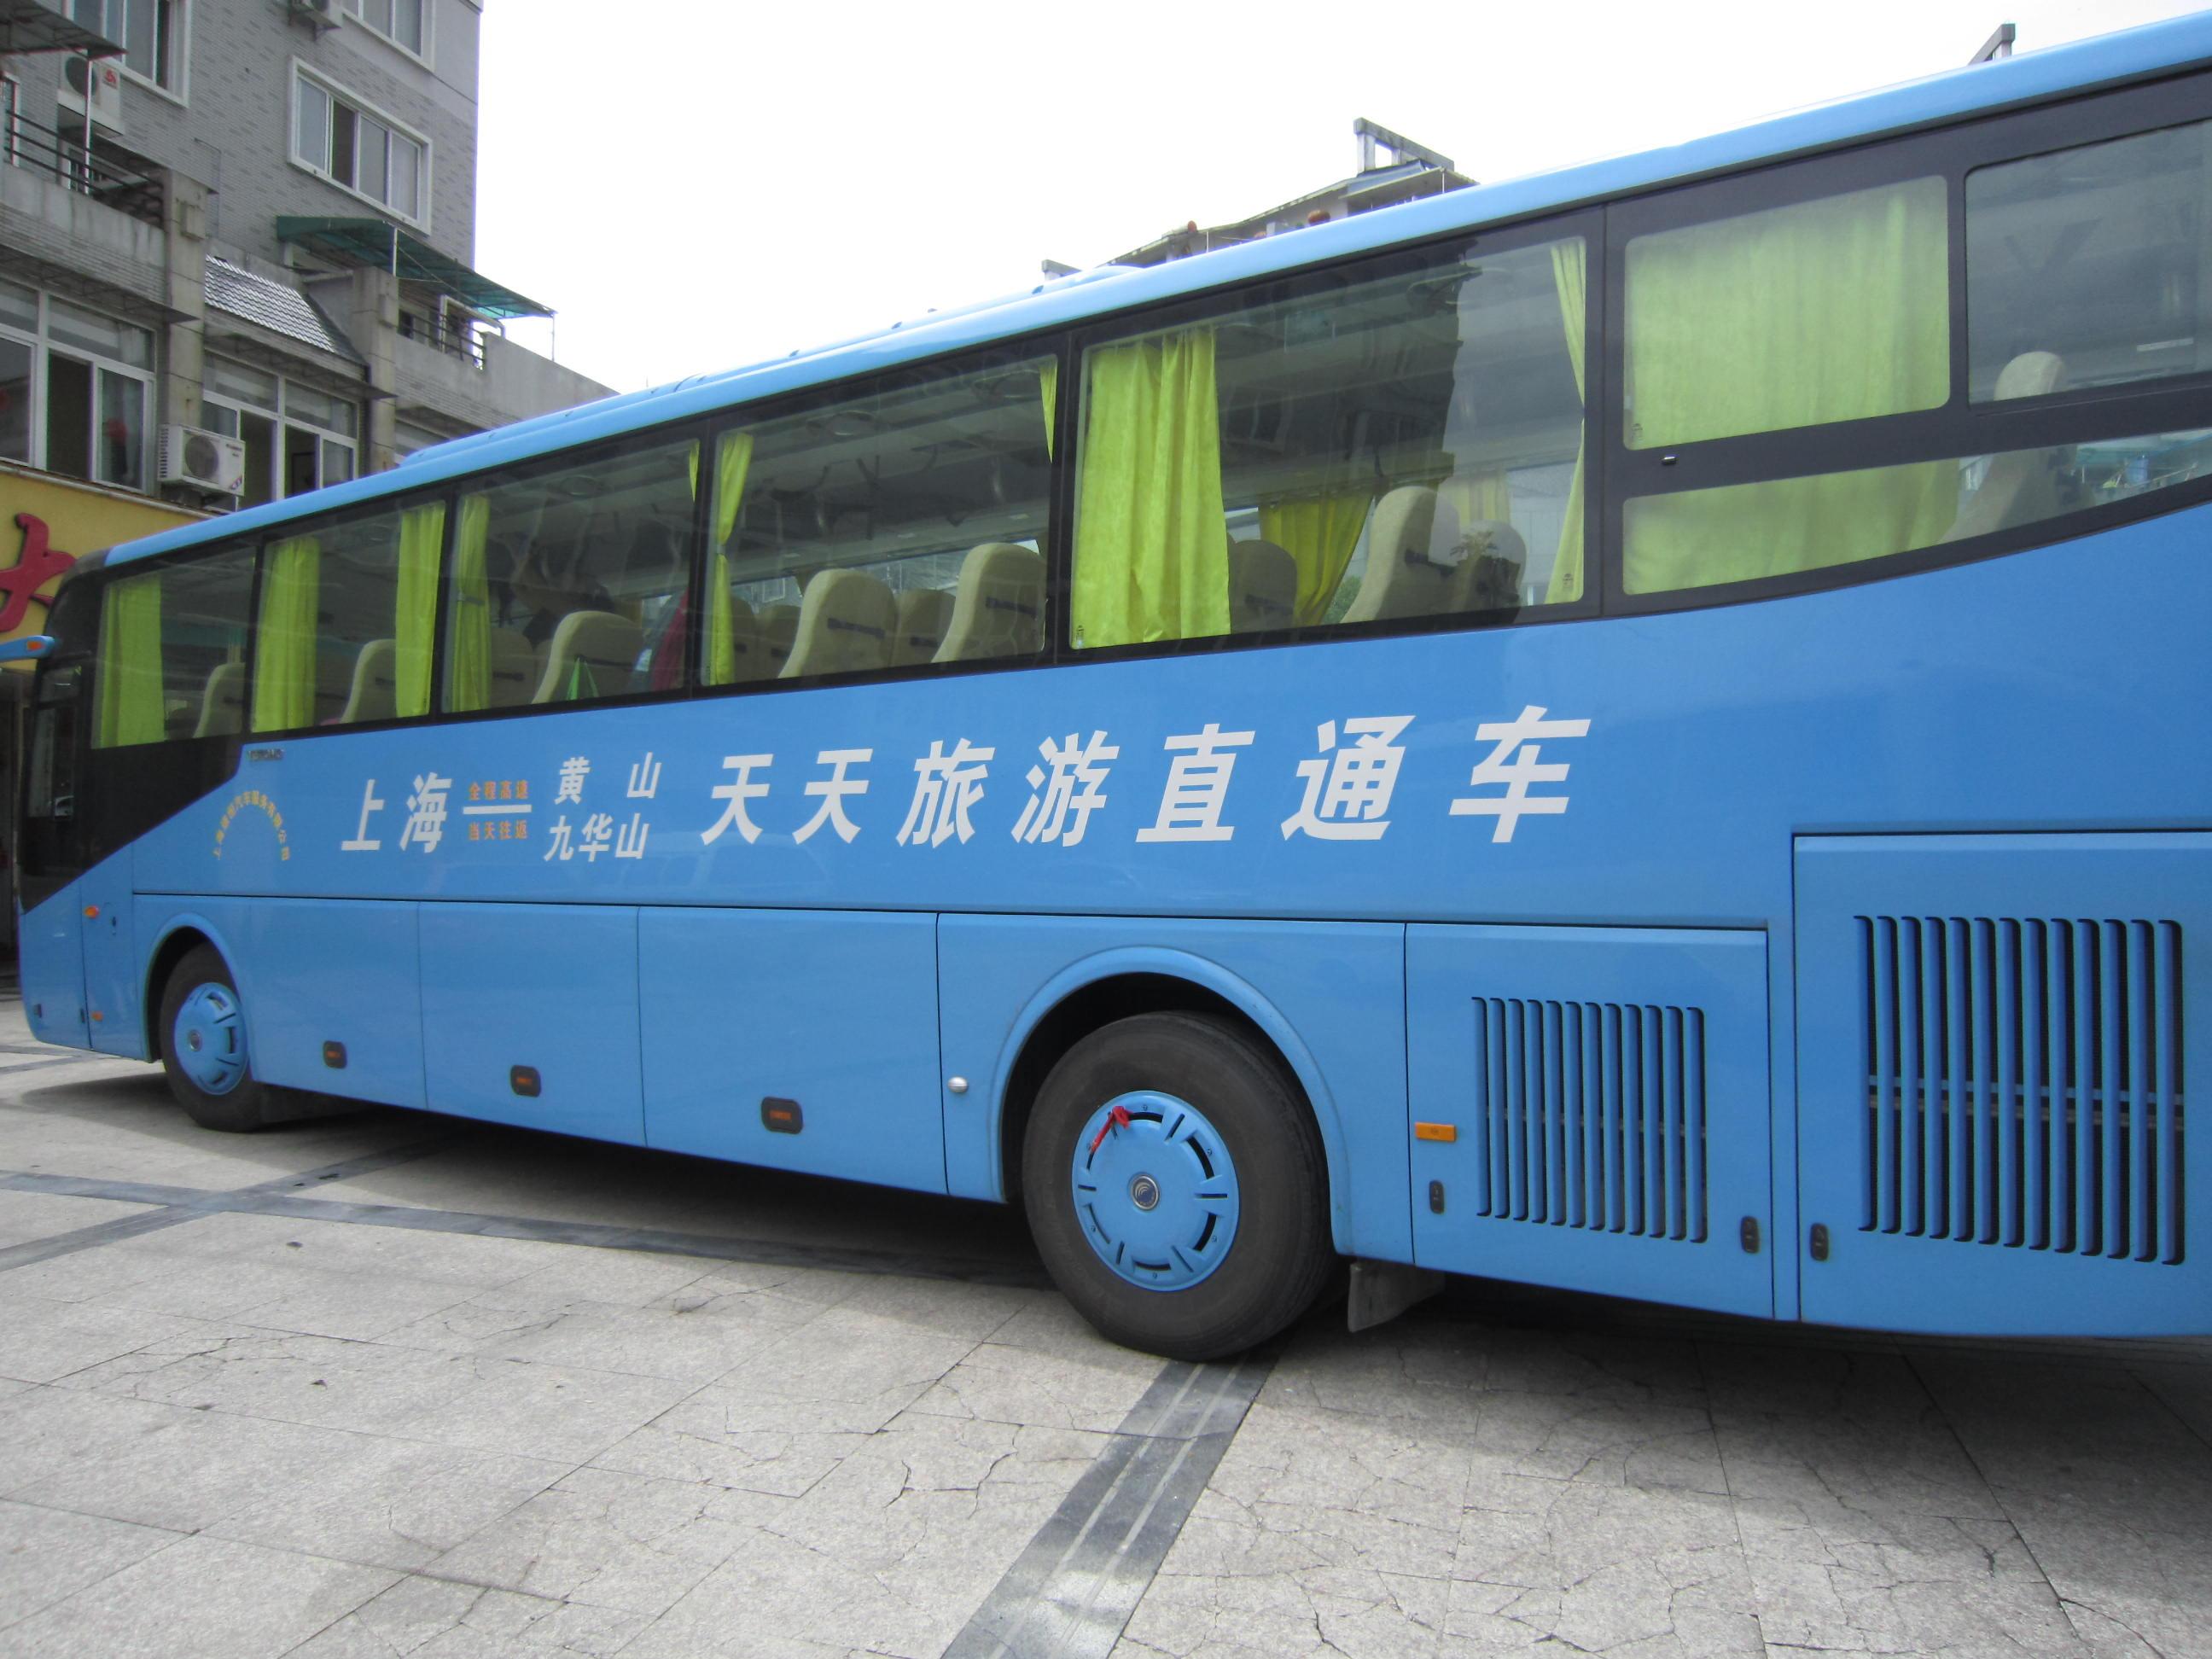 上海车_ 上海-黄山巴士自助2日游>赠黄山温泉门票,车位10日内